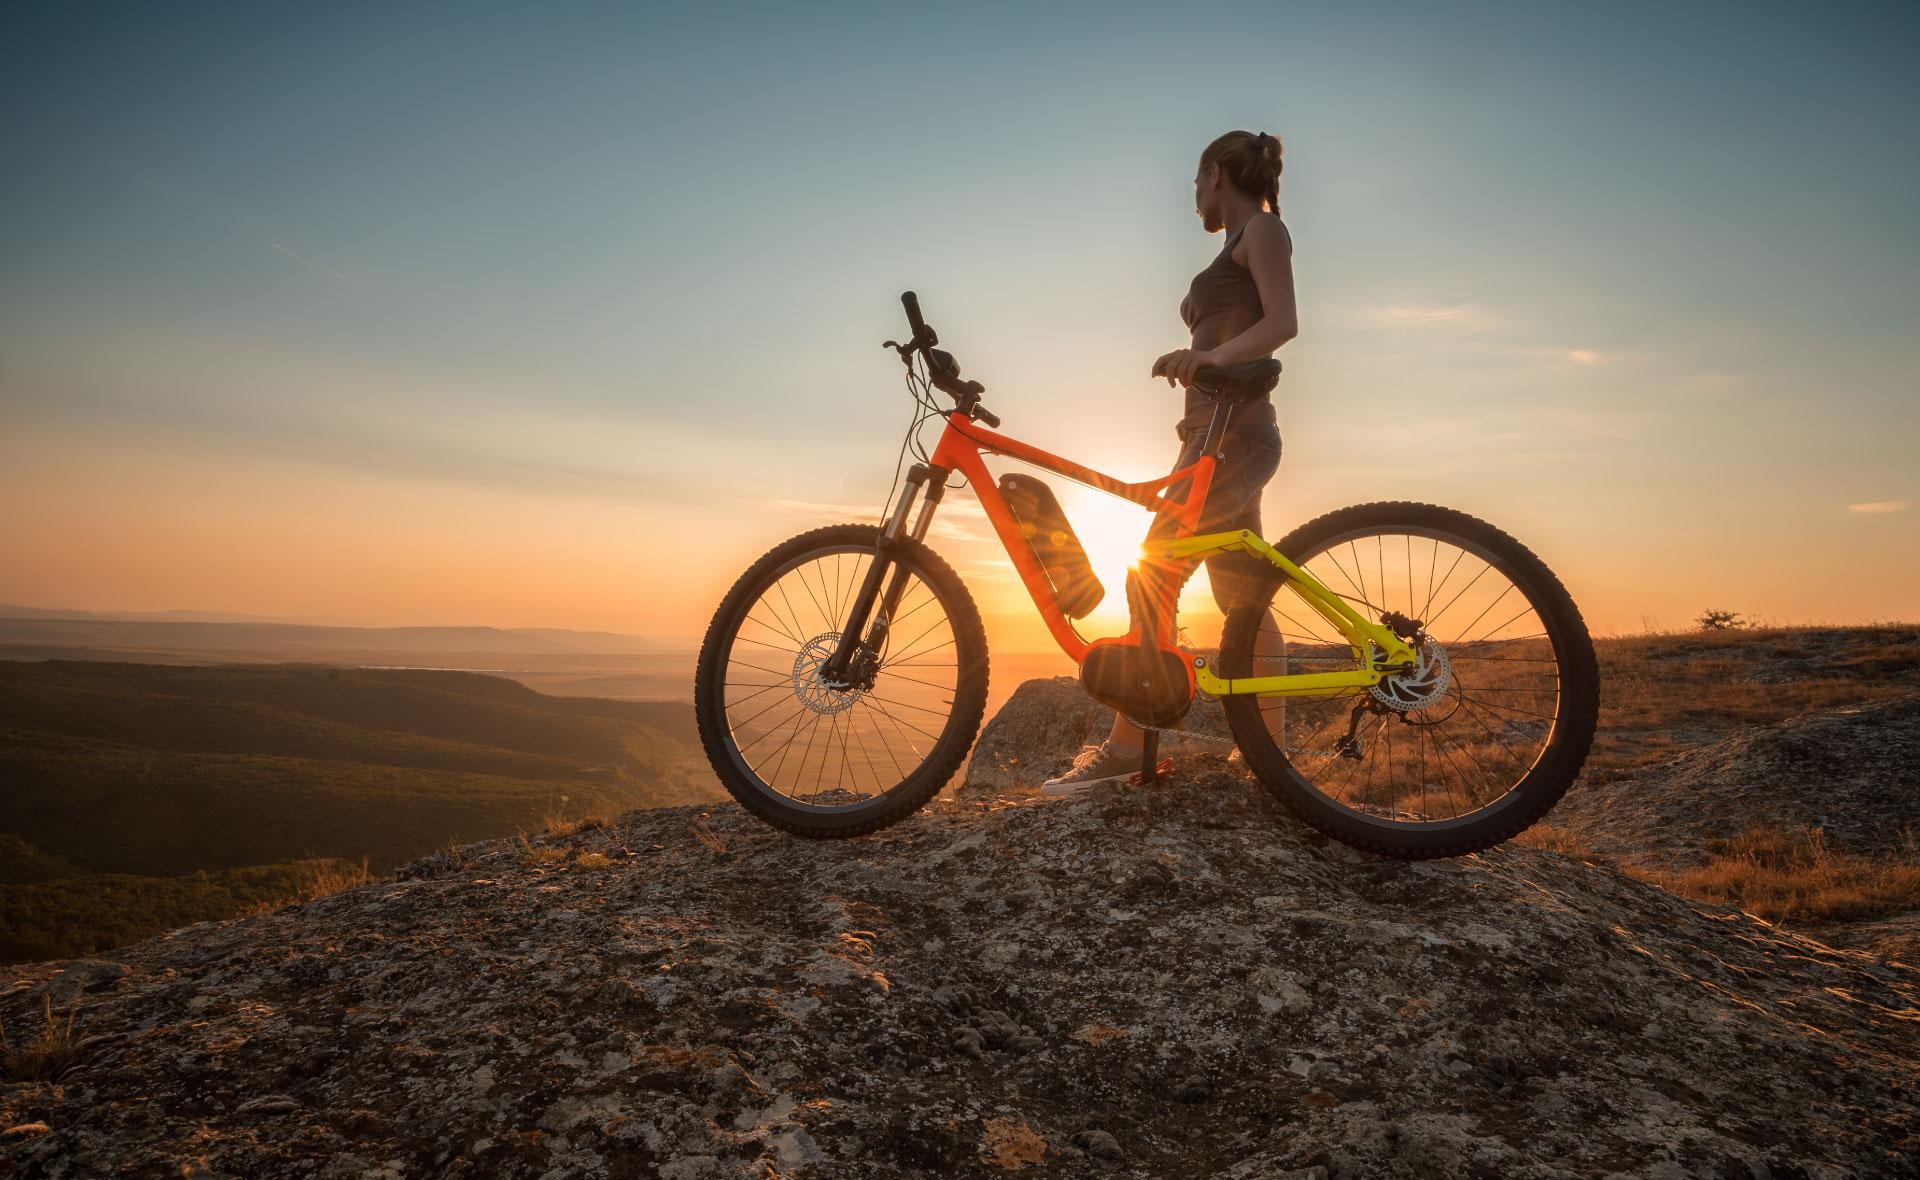 bicicletas_electricas_apertura-movilidad-sostenible-transporte